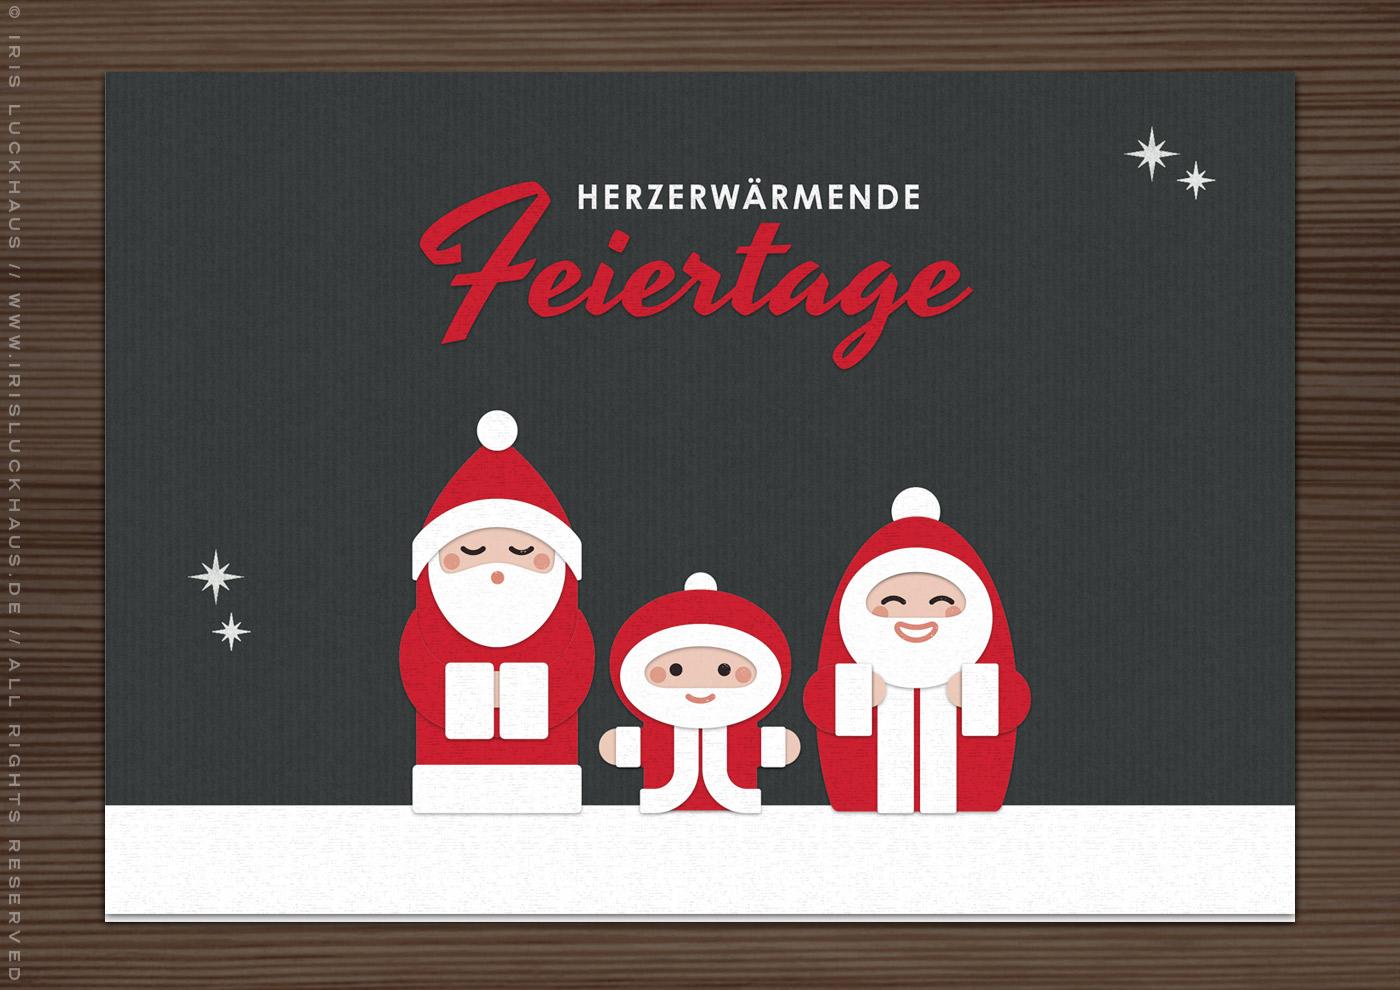 DIY Stempel und Stanzen zum Basteln von Karten, Postkarten und Geschenkanhängern mit niedlichem Nikolaus, süßem Weihnachtsmann und bezaubernden Santa